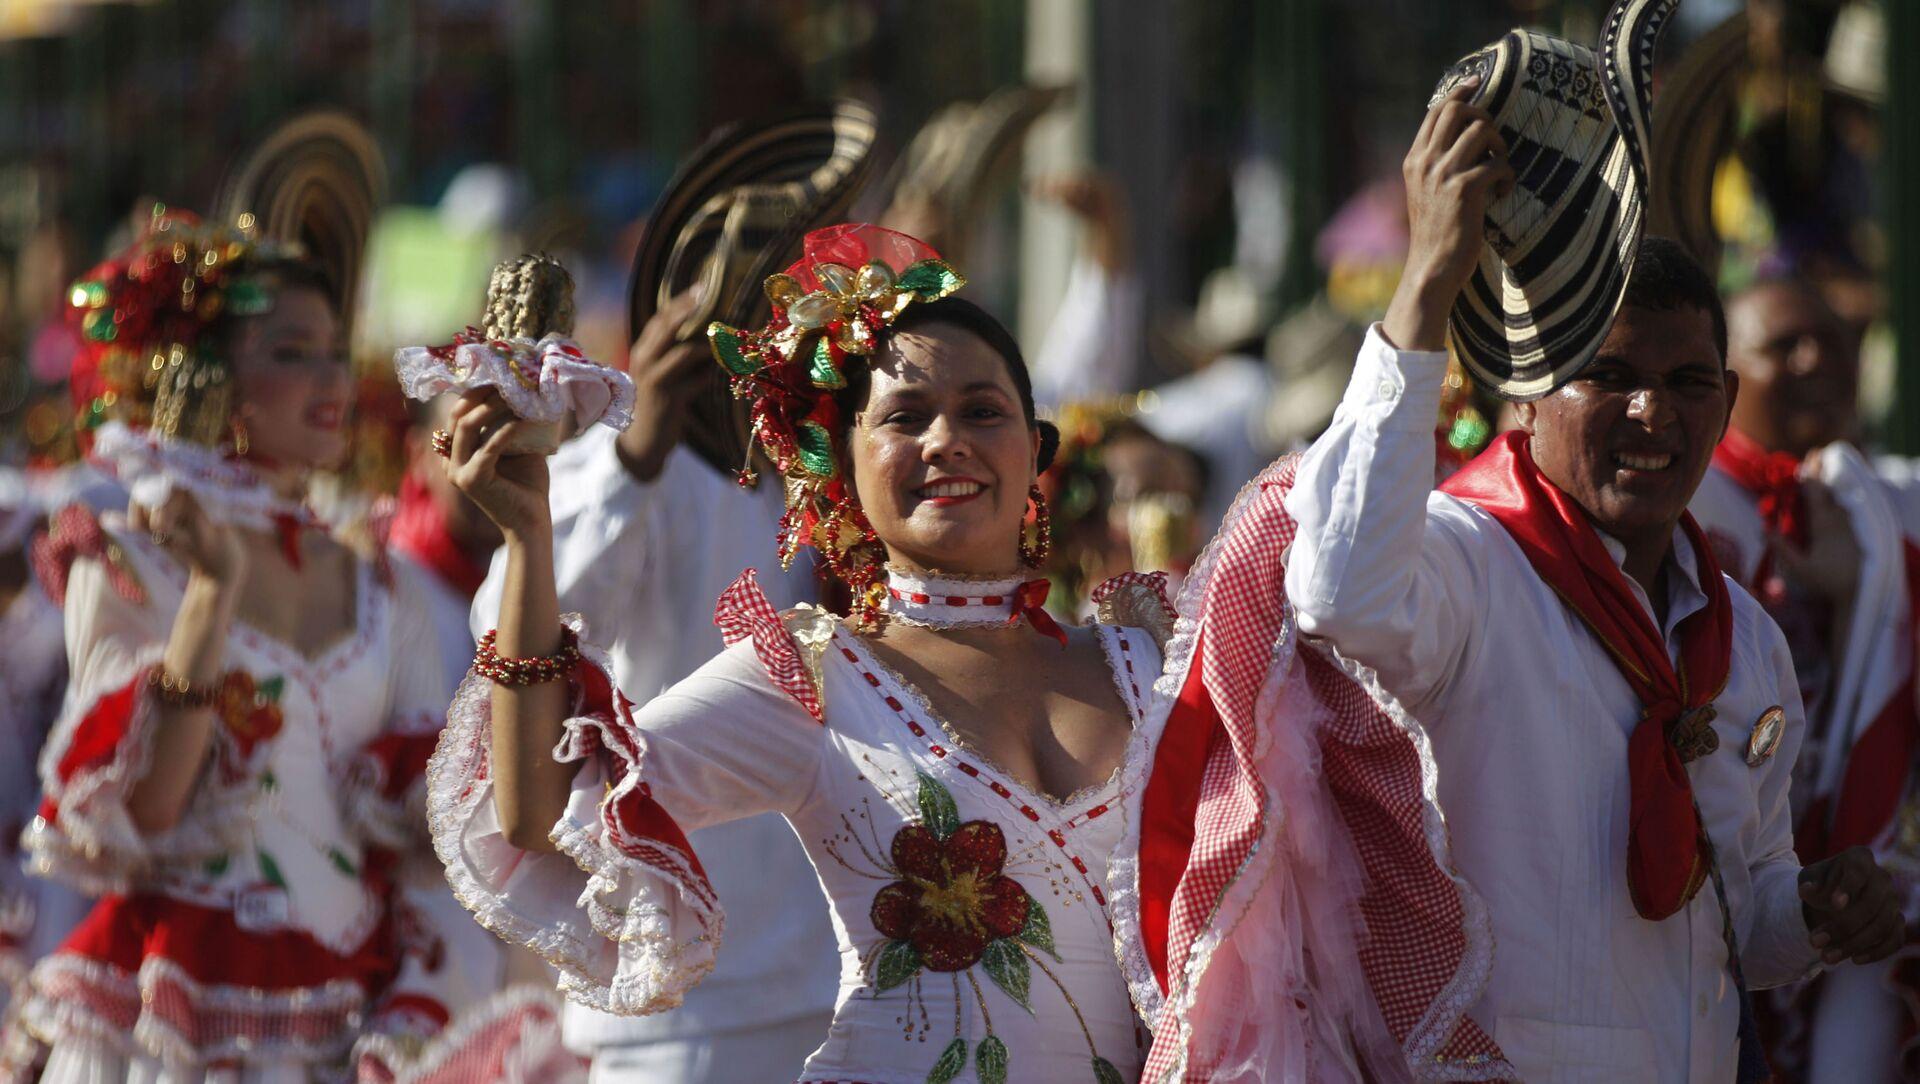 Bailarinas durante una edición del Carnaval de Barranquilla - Sputnik Mundo, 1920, 13.11.2020